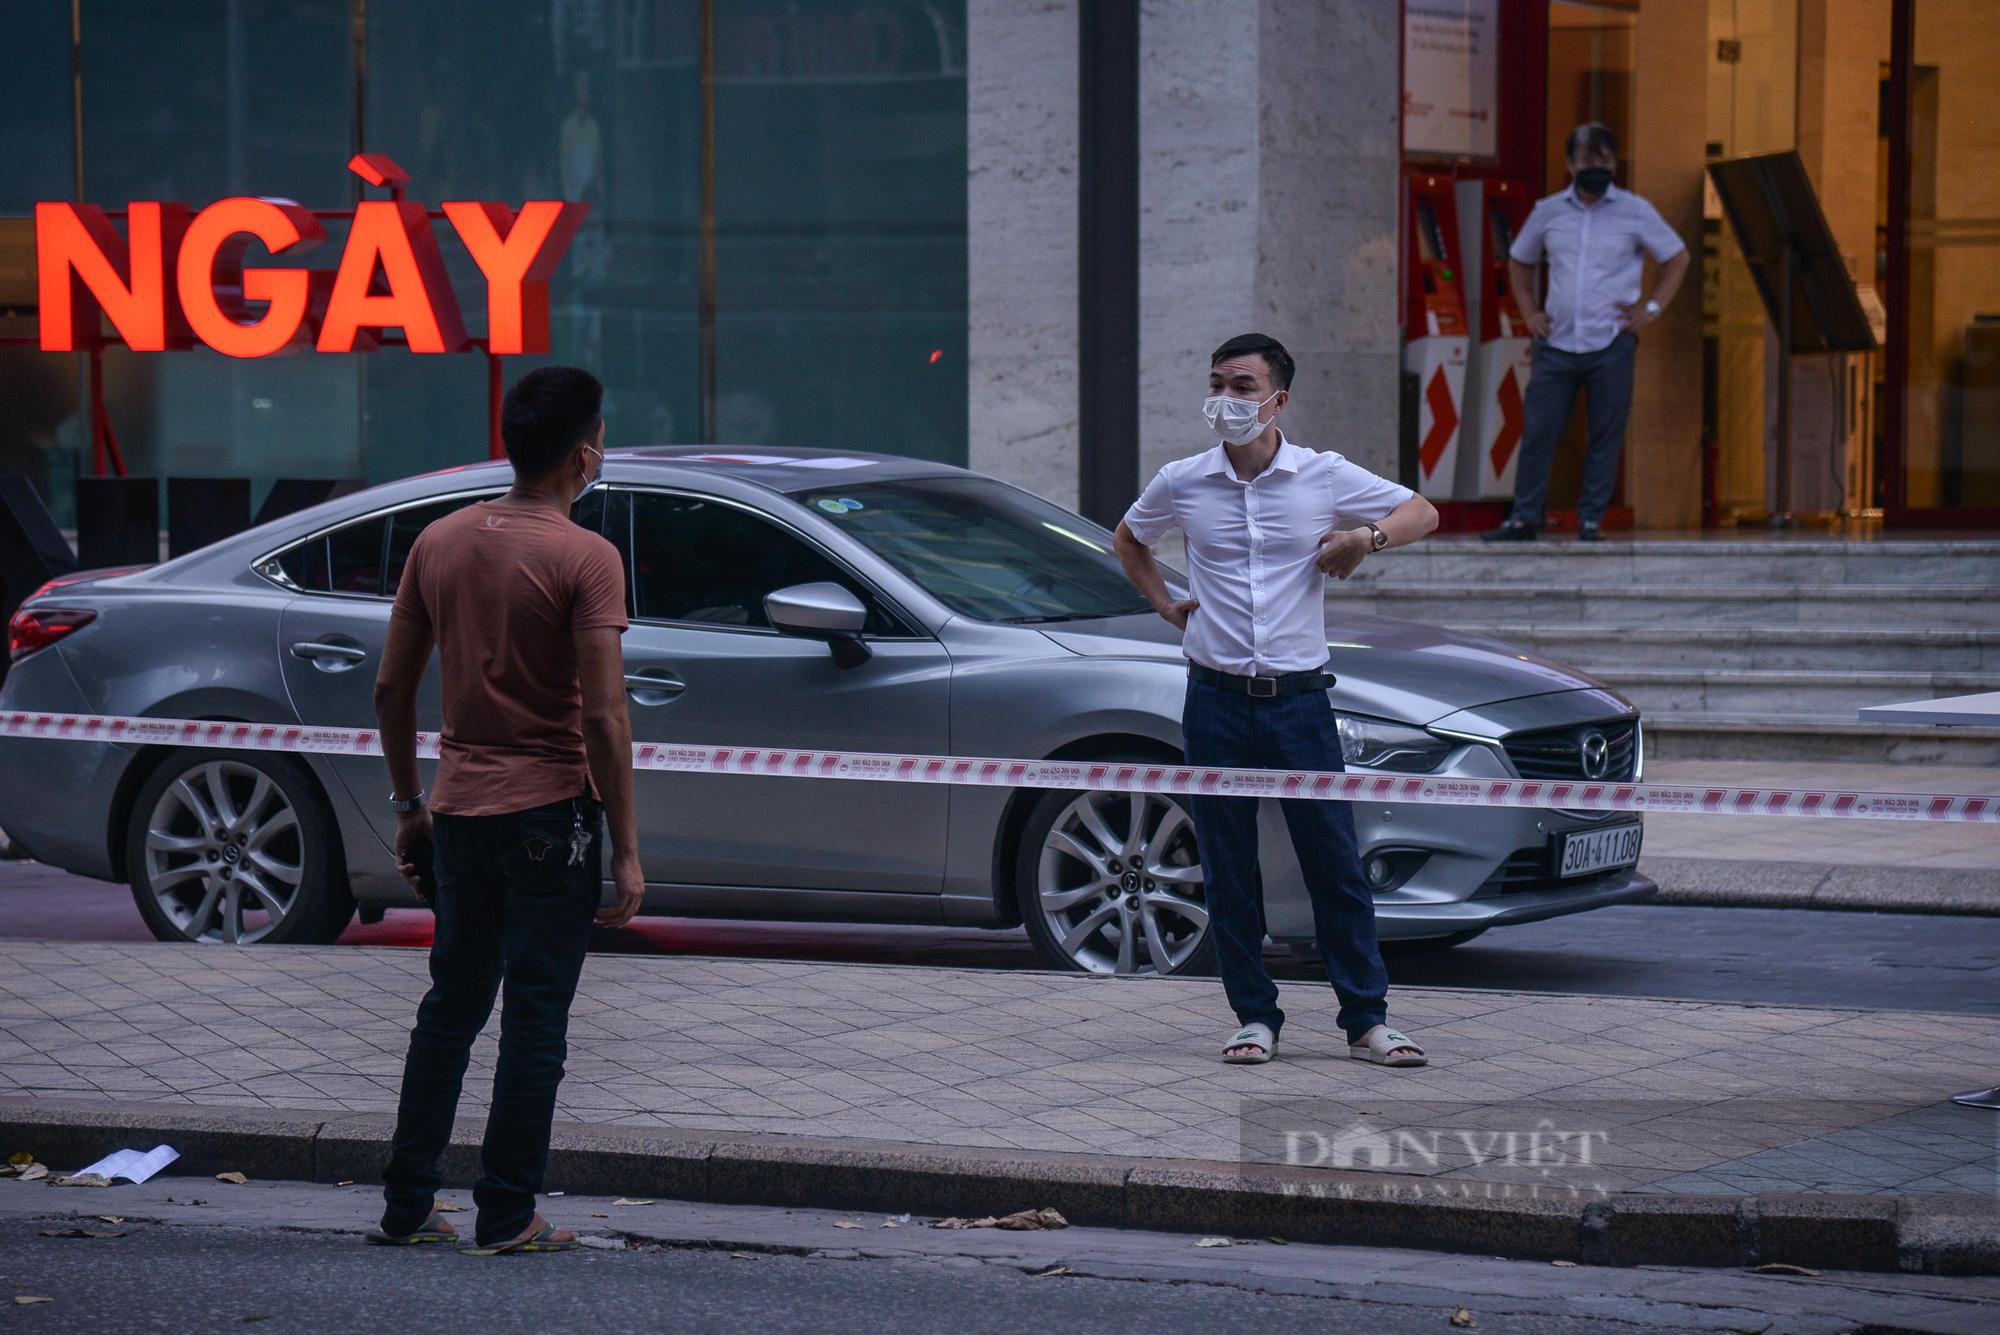 Ảnh: Khẩn trương truy vết người bị nghi nhiễm Covid-19 tại Vincom Bà Triệu, Hà Nội - Ảnh 9.